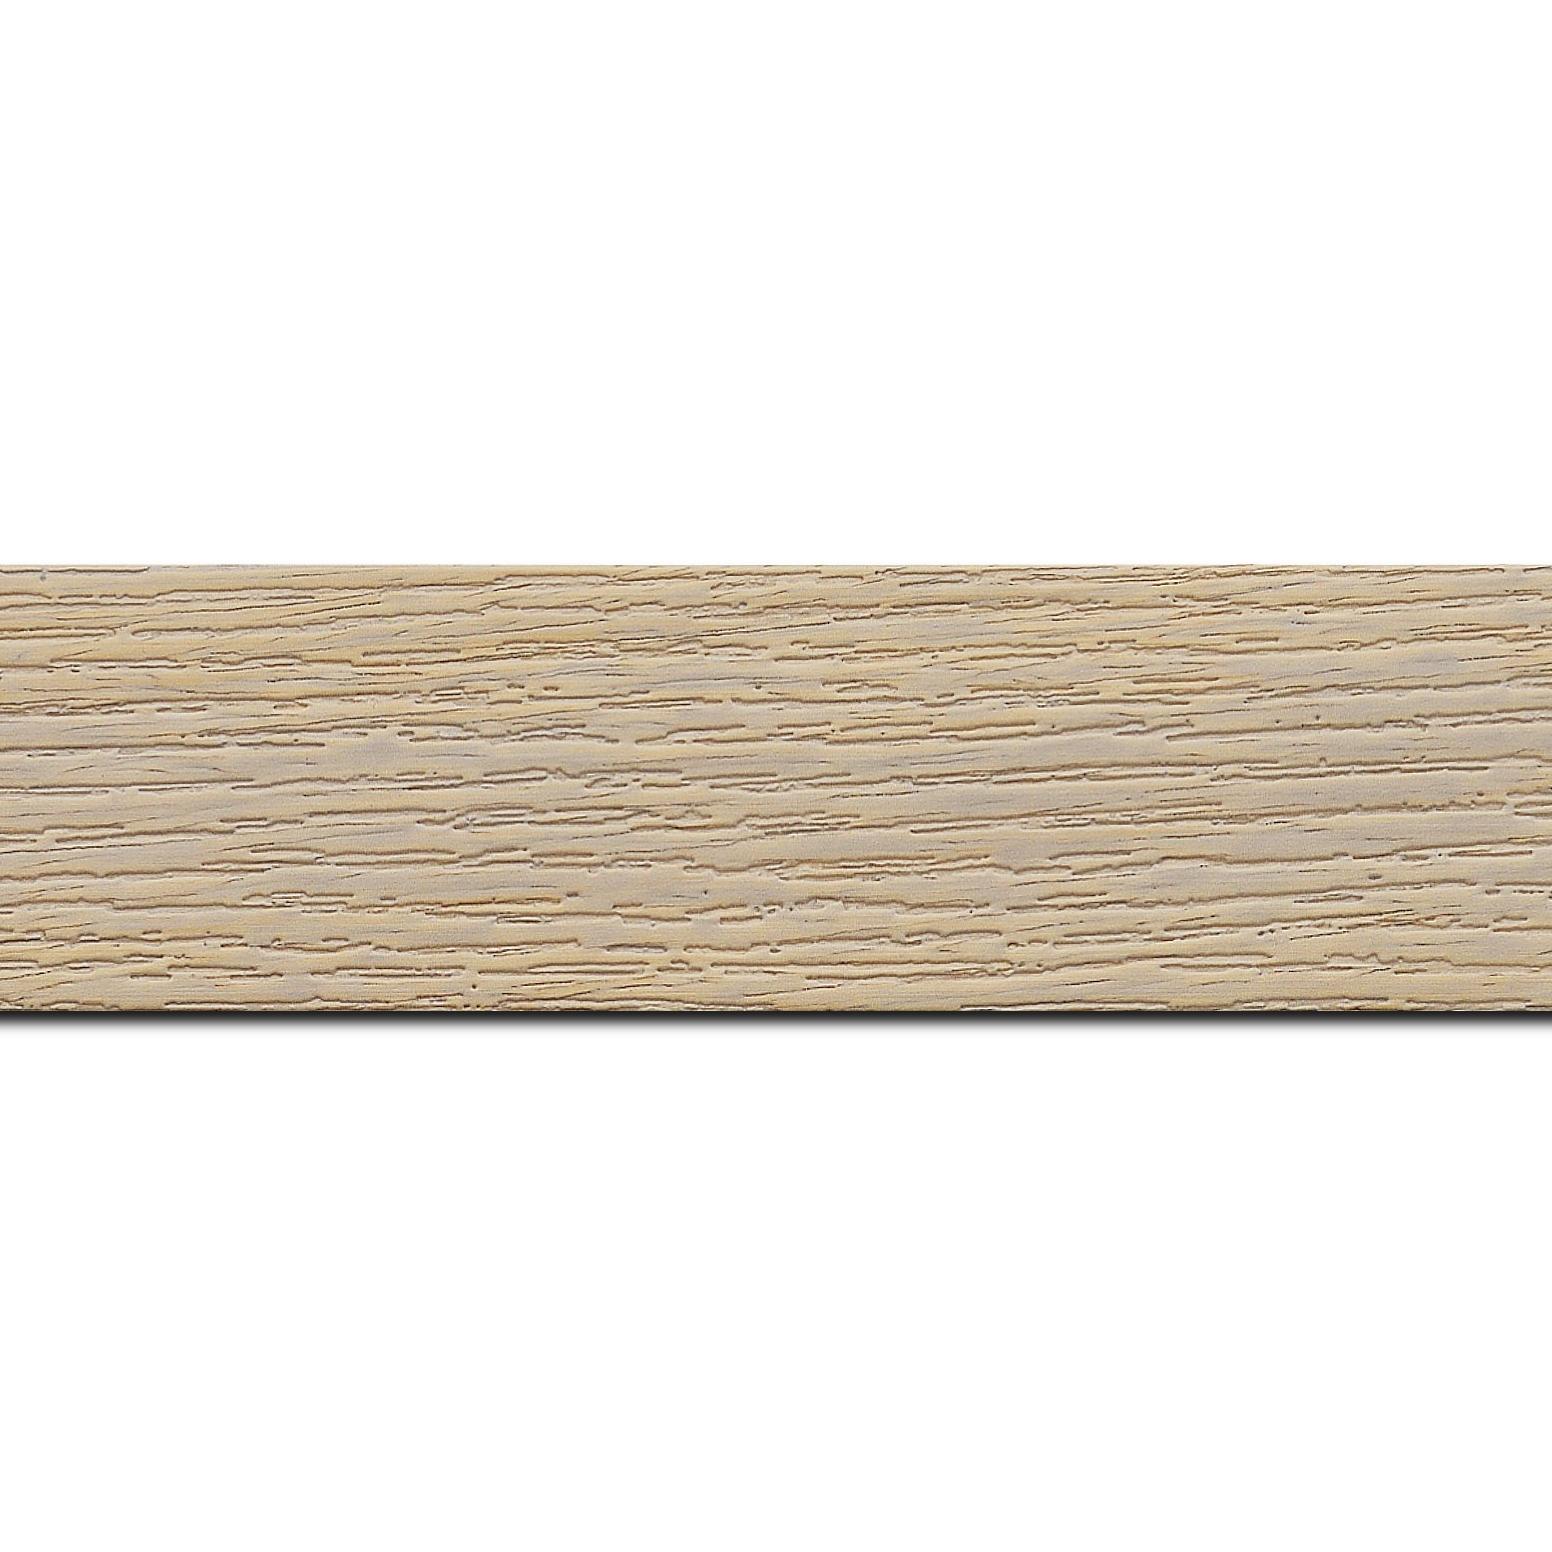 Pack par 12m, bois profil plat largeur 4.4cm couleur naturel blanchie finition veiné (longueur baguette pouvant varier entre 2.40m et 3m selon arrivage des bois)